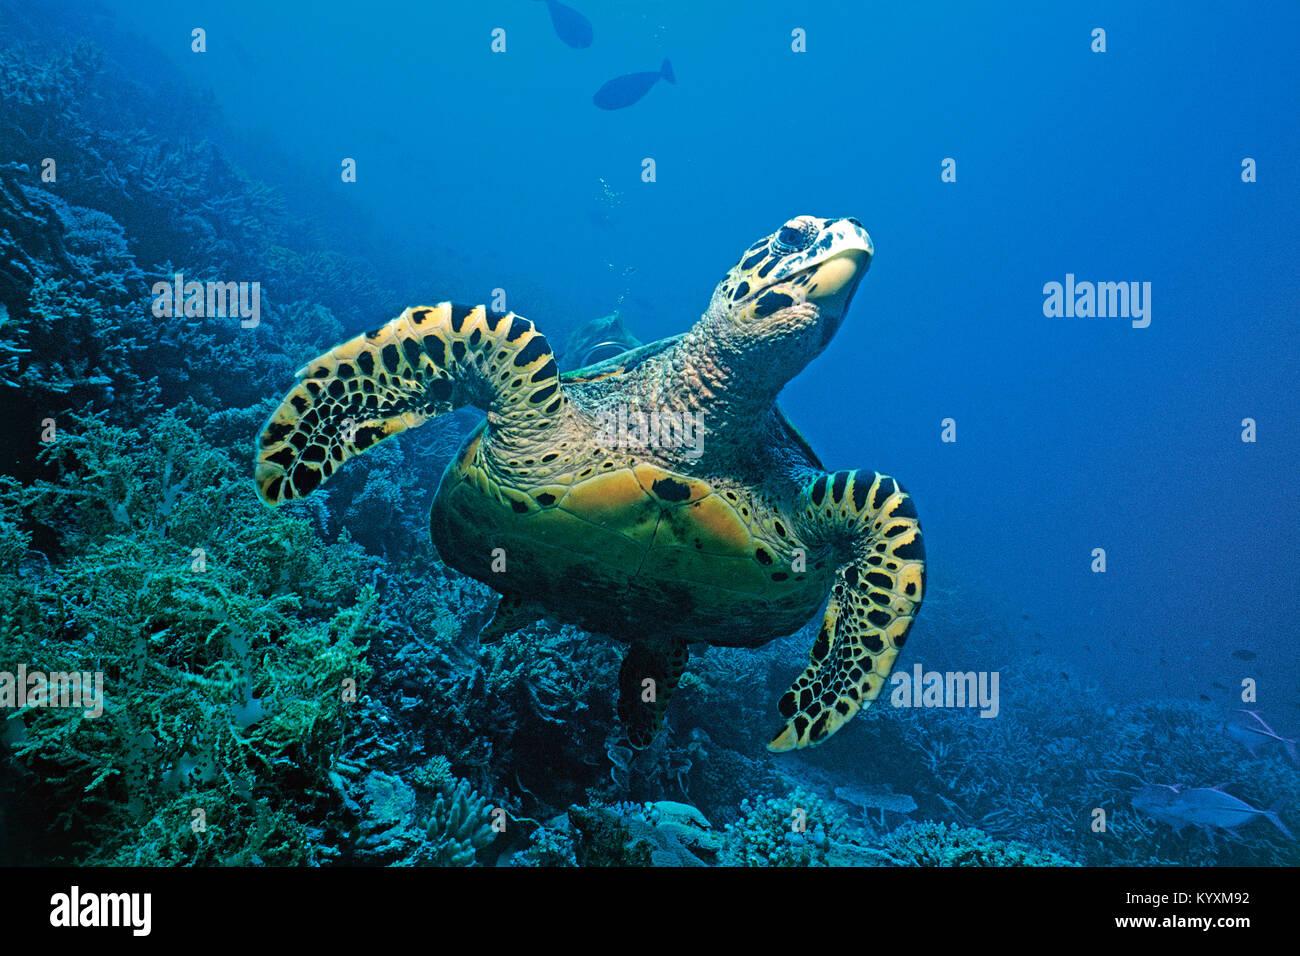 La tortuga carey (Eretmochelys imbricata), Islas Maldivas, océano Índico, Asia Foto de stock